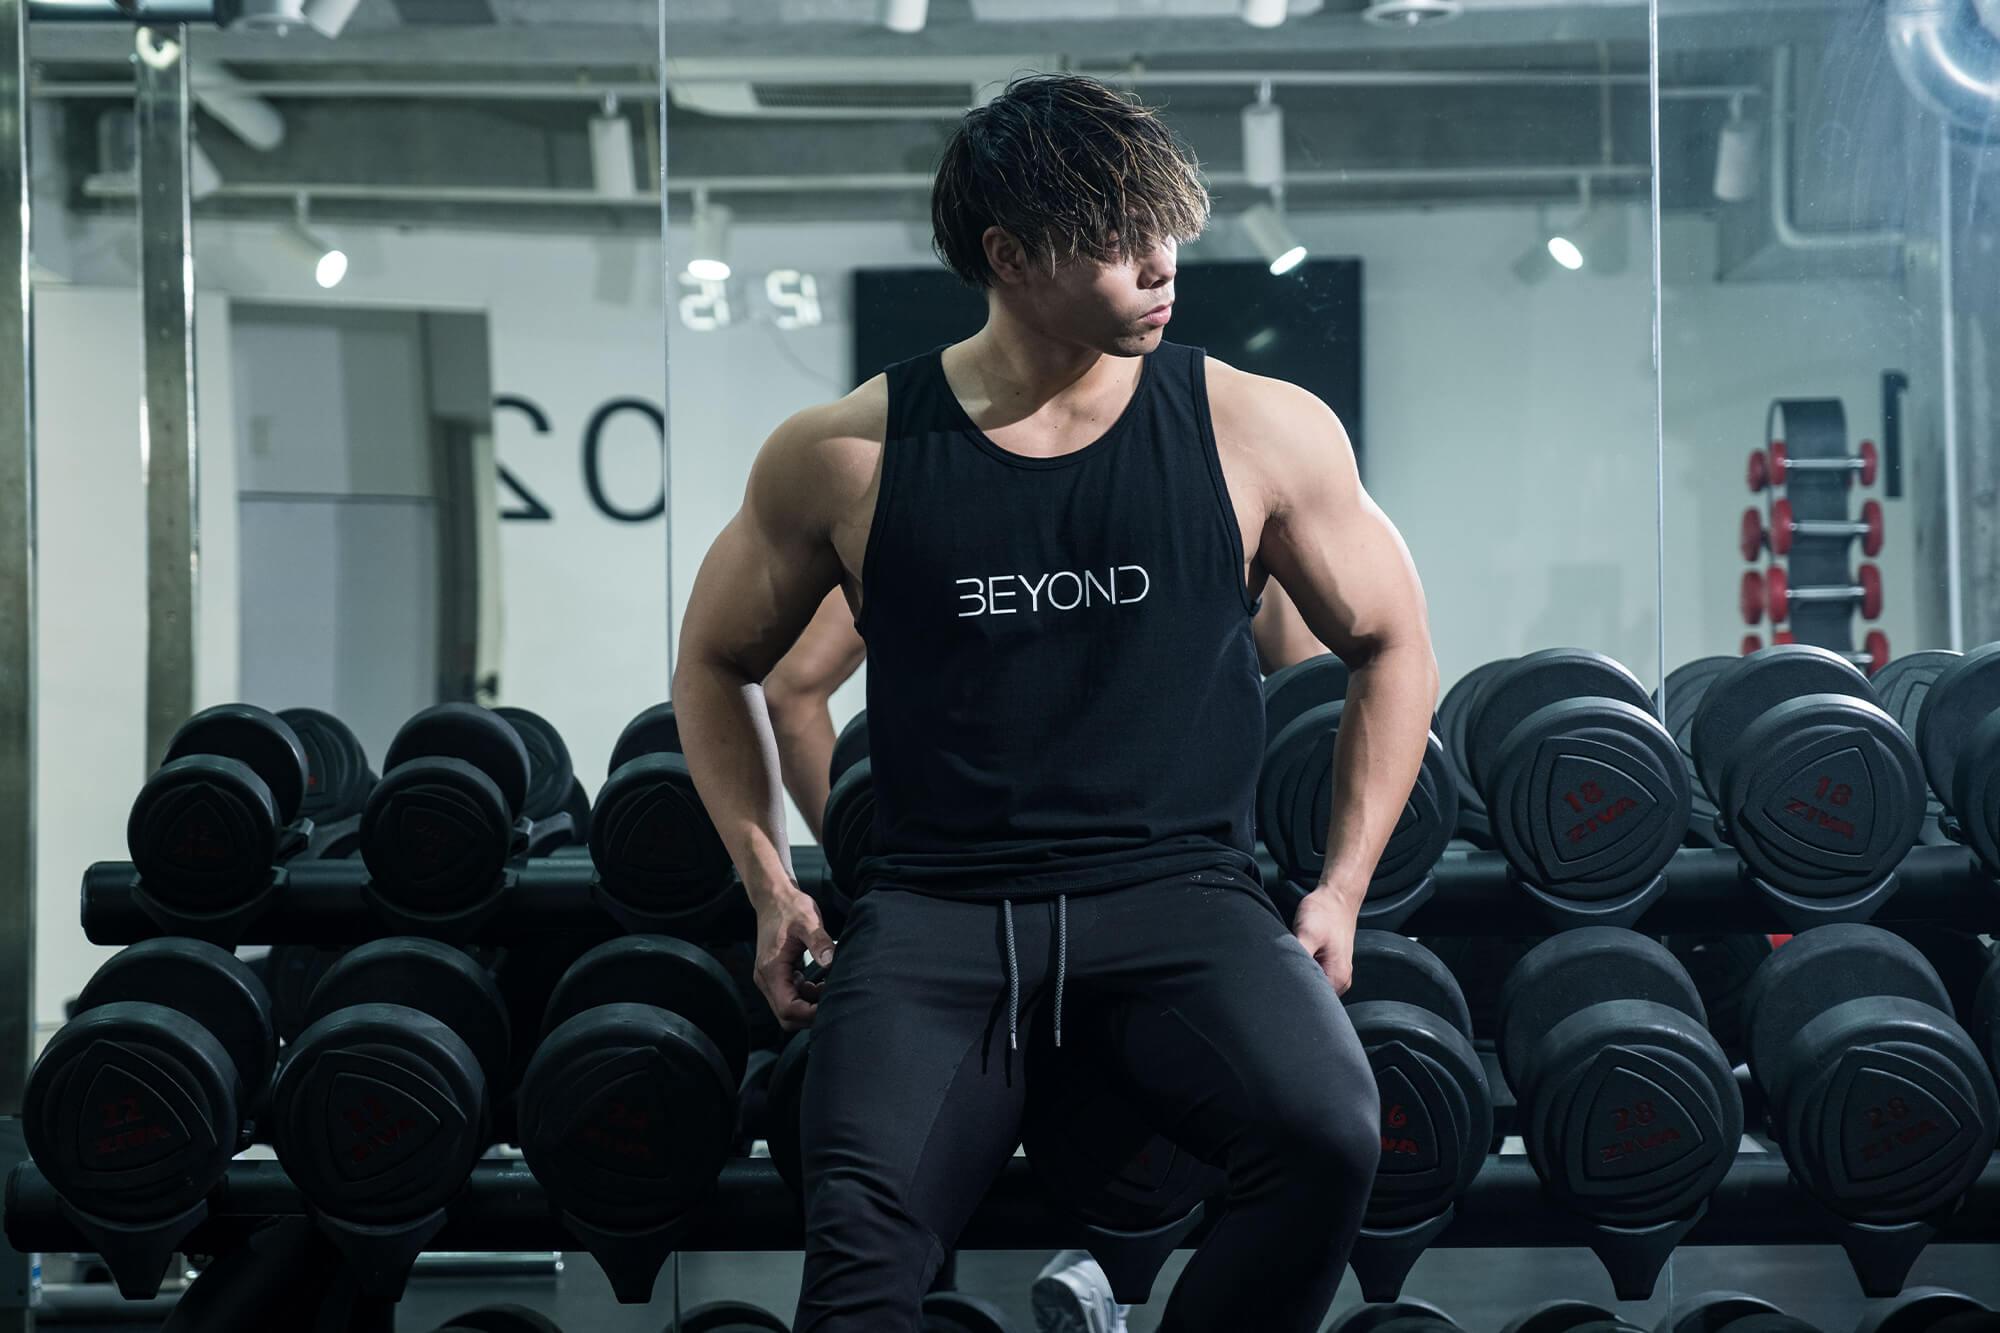 エドワード加藤トレーニング中の写真